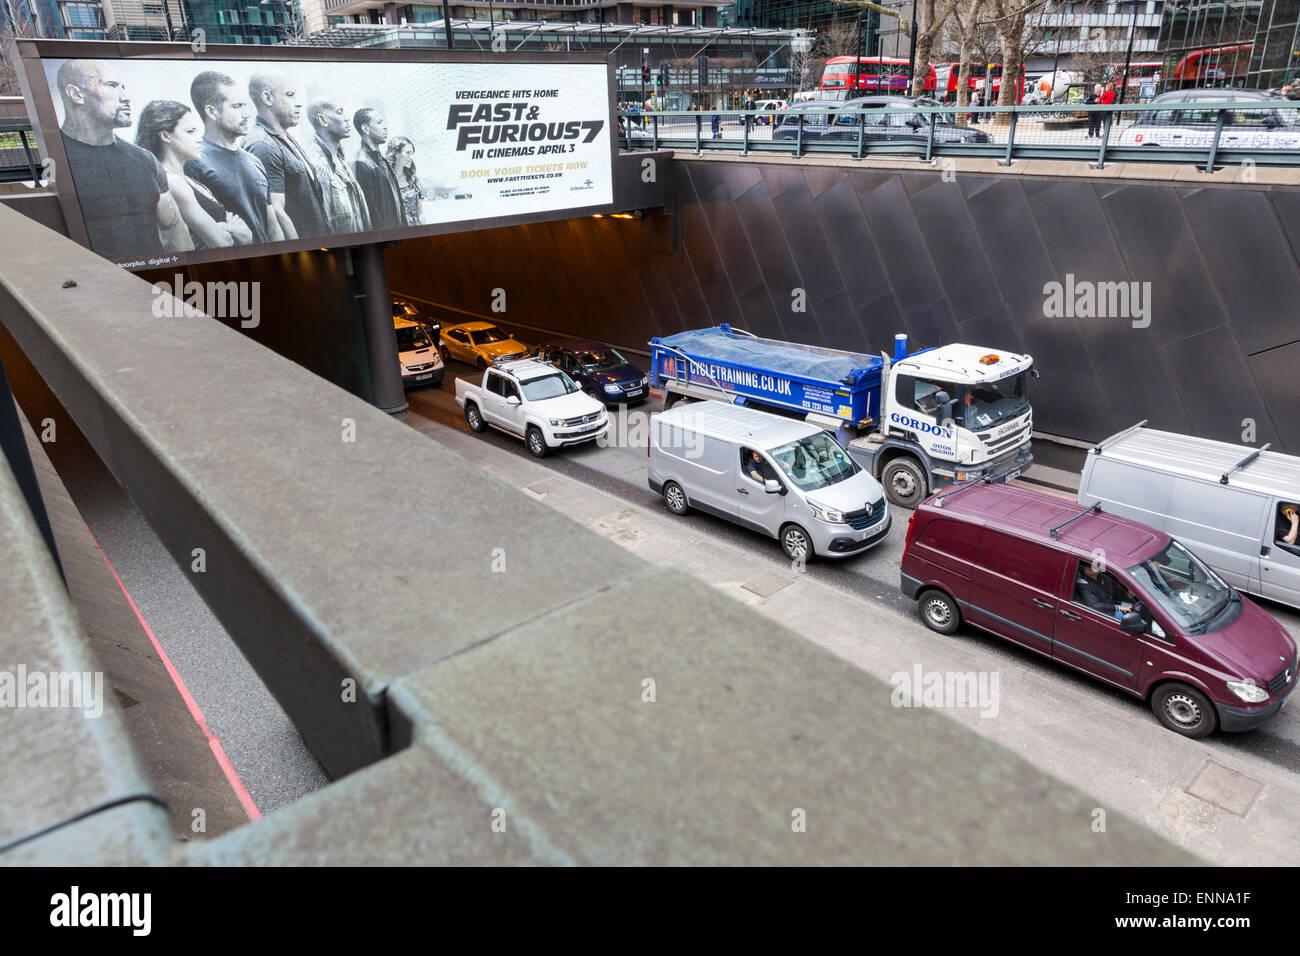 City traffic congestion. Unintentional ironic advertising above a traffic jam on Euston Road, London, England, UK - Stock Image